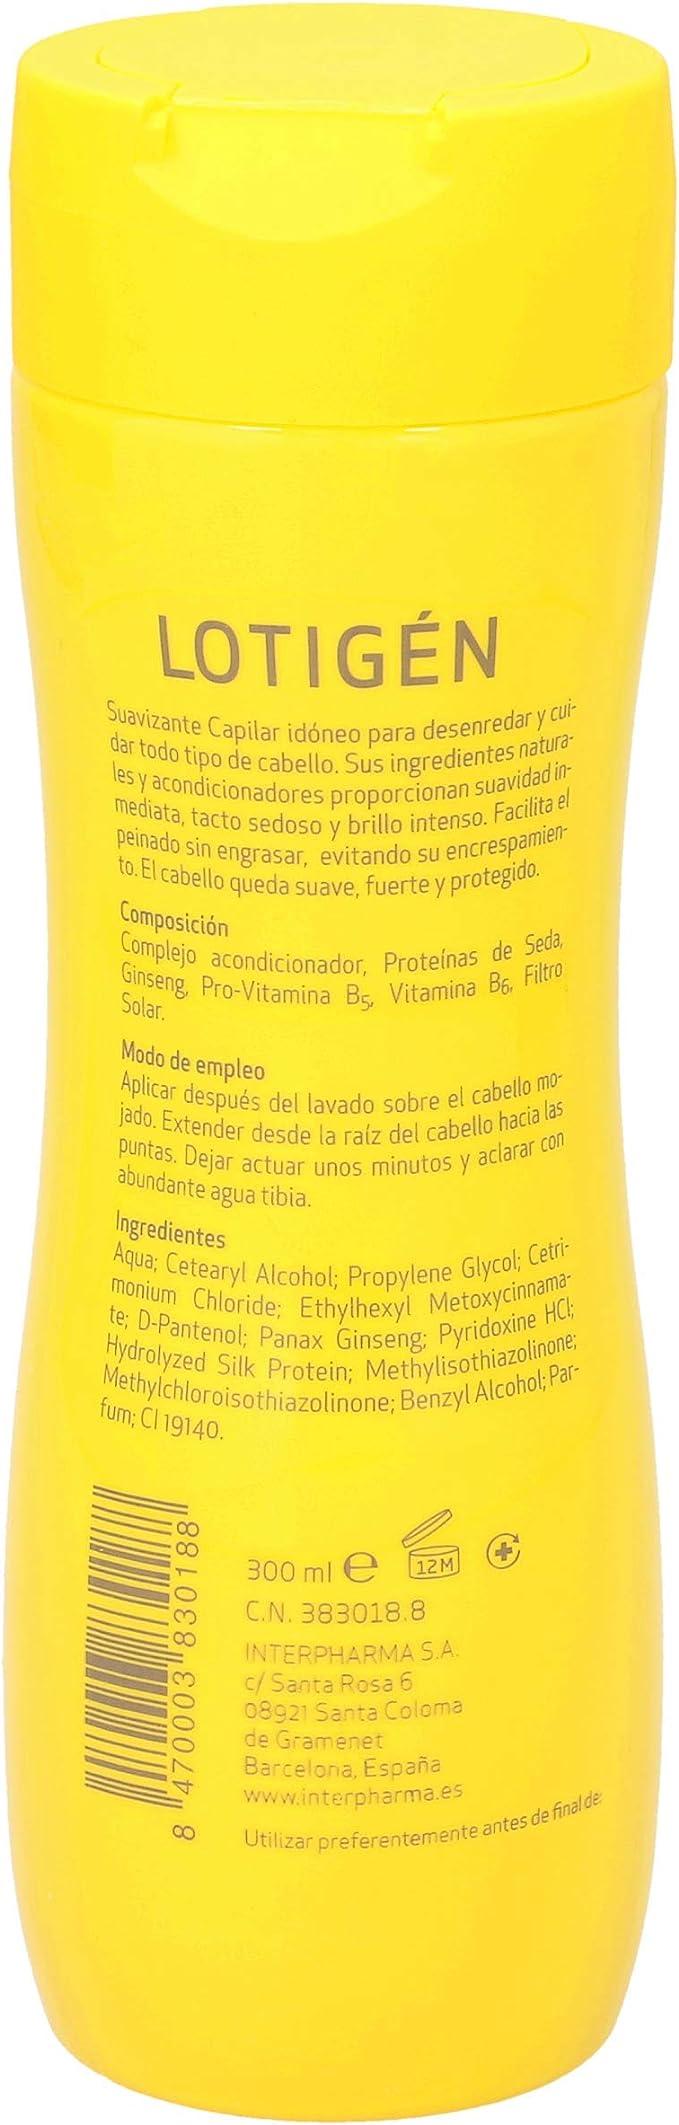 LOTIGEN suavizante capilar bote 300 ml: Amazon.es: Salud y cuidado personal